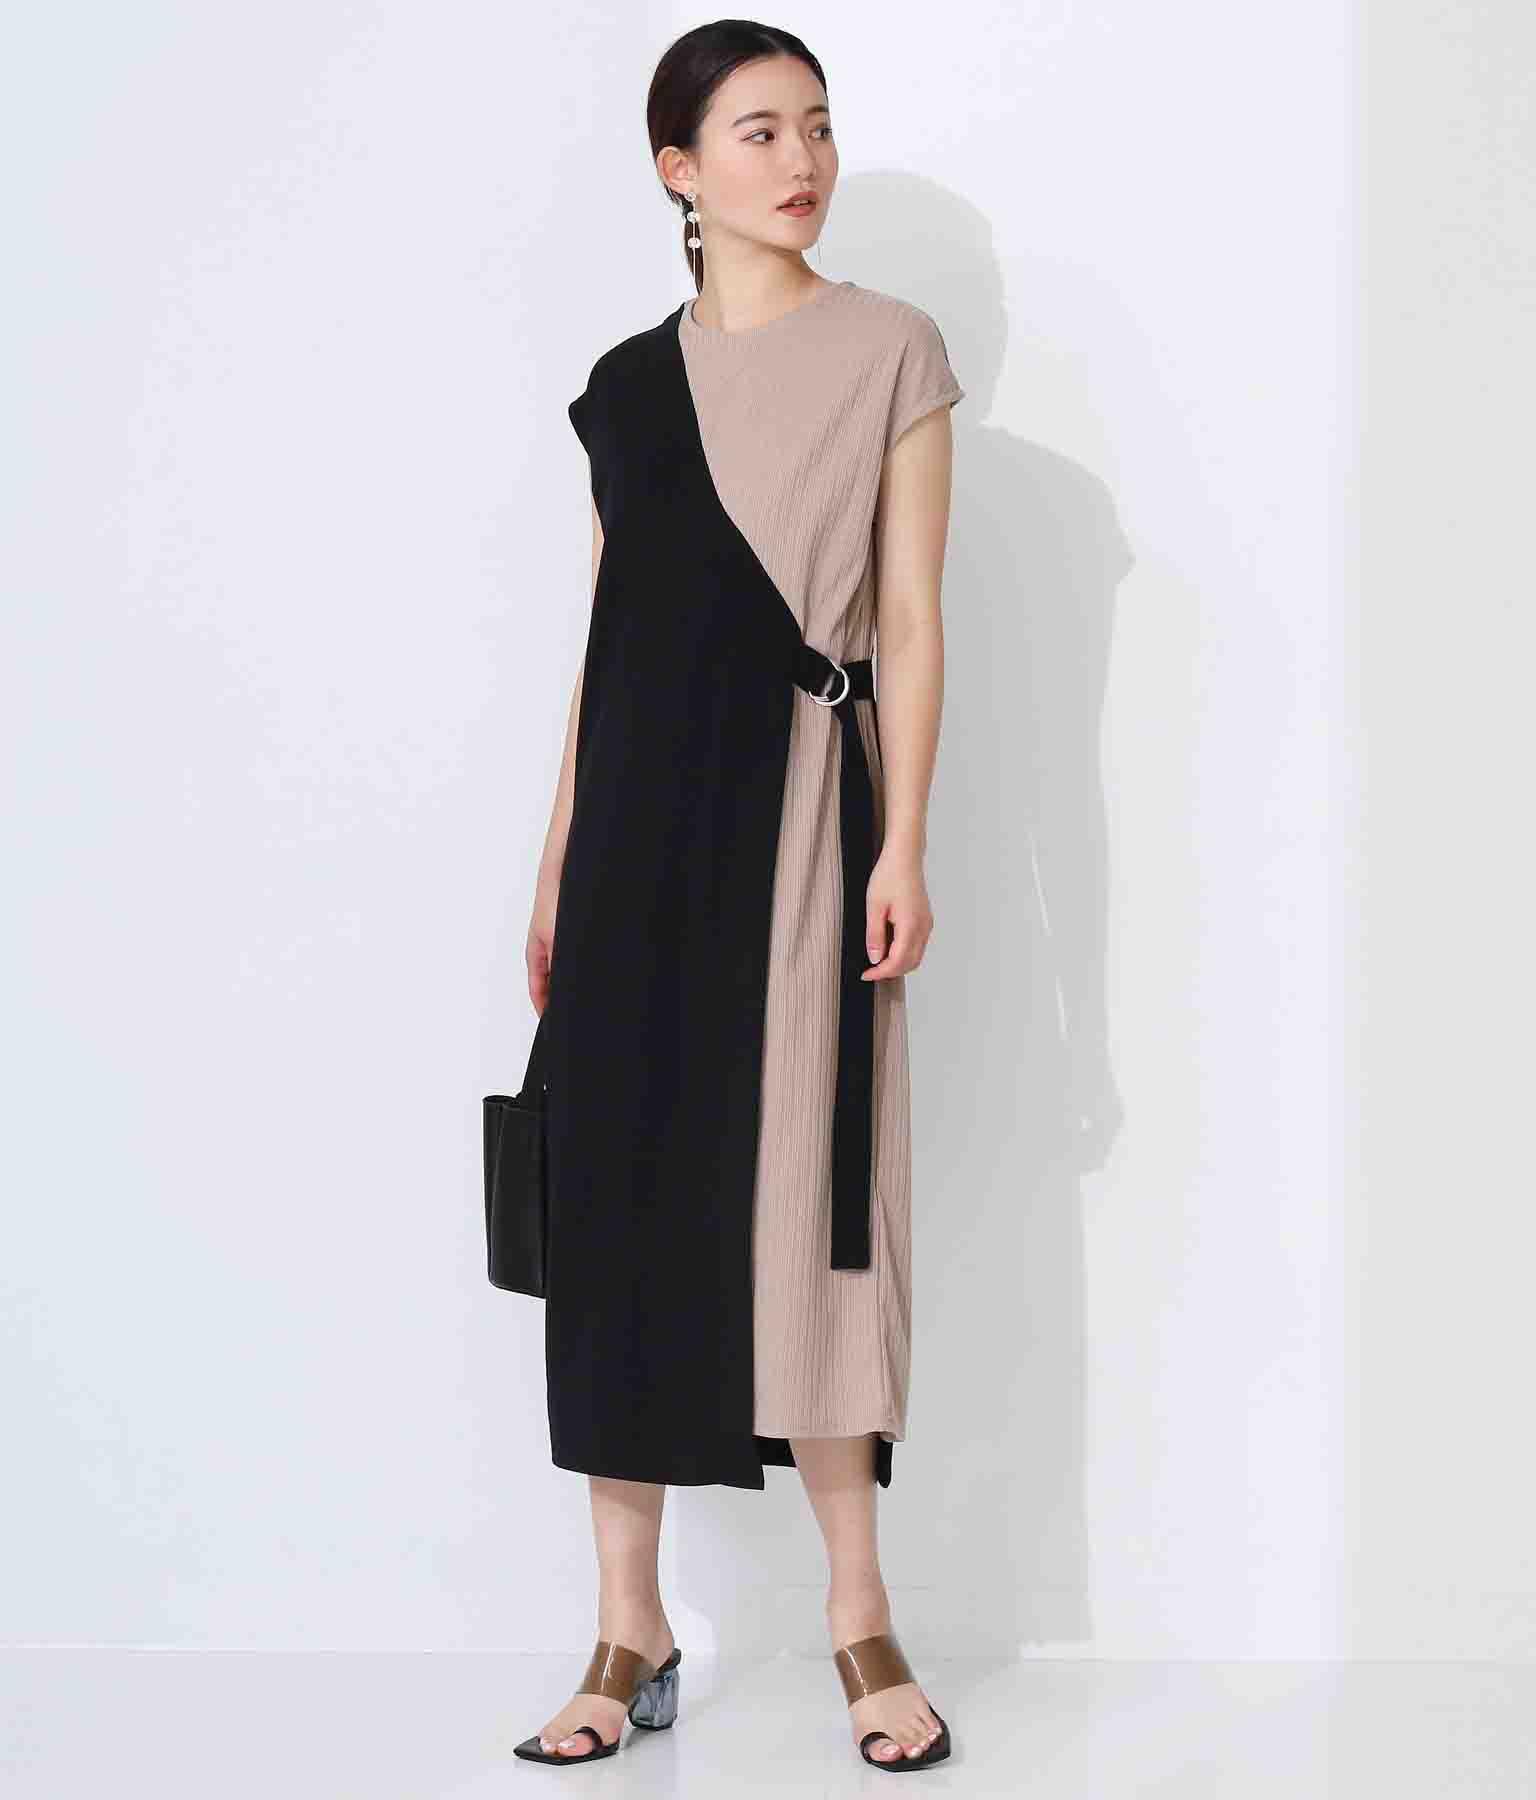 ワンショルダーレイヤードワンピース(ワンピース・ドレス/ロングワンピ・マキシ丈ワンピース) | Alluge